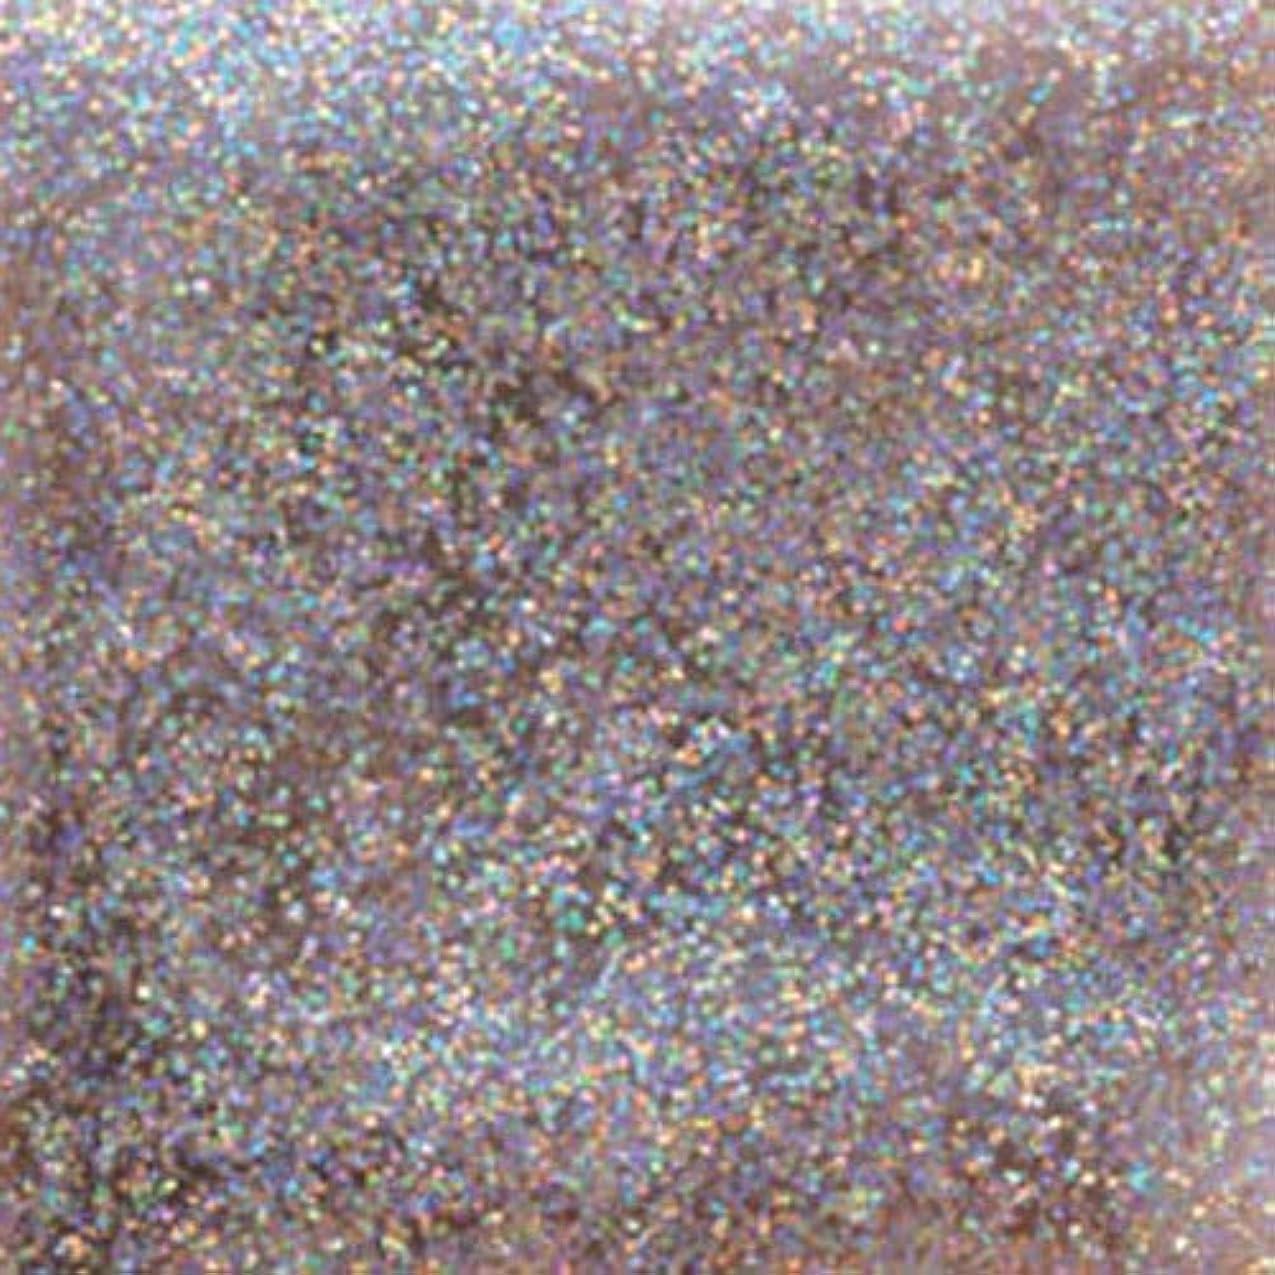 メジャーパイント科学的ピカエース ネイル用パウダー ラメカラーレインボー M #429 ブラウン 0.7g